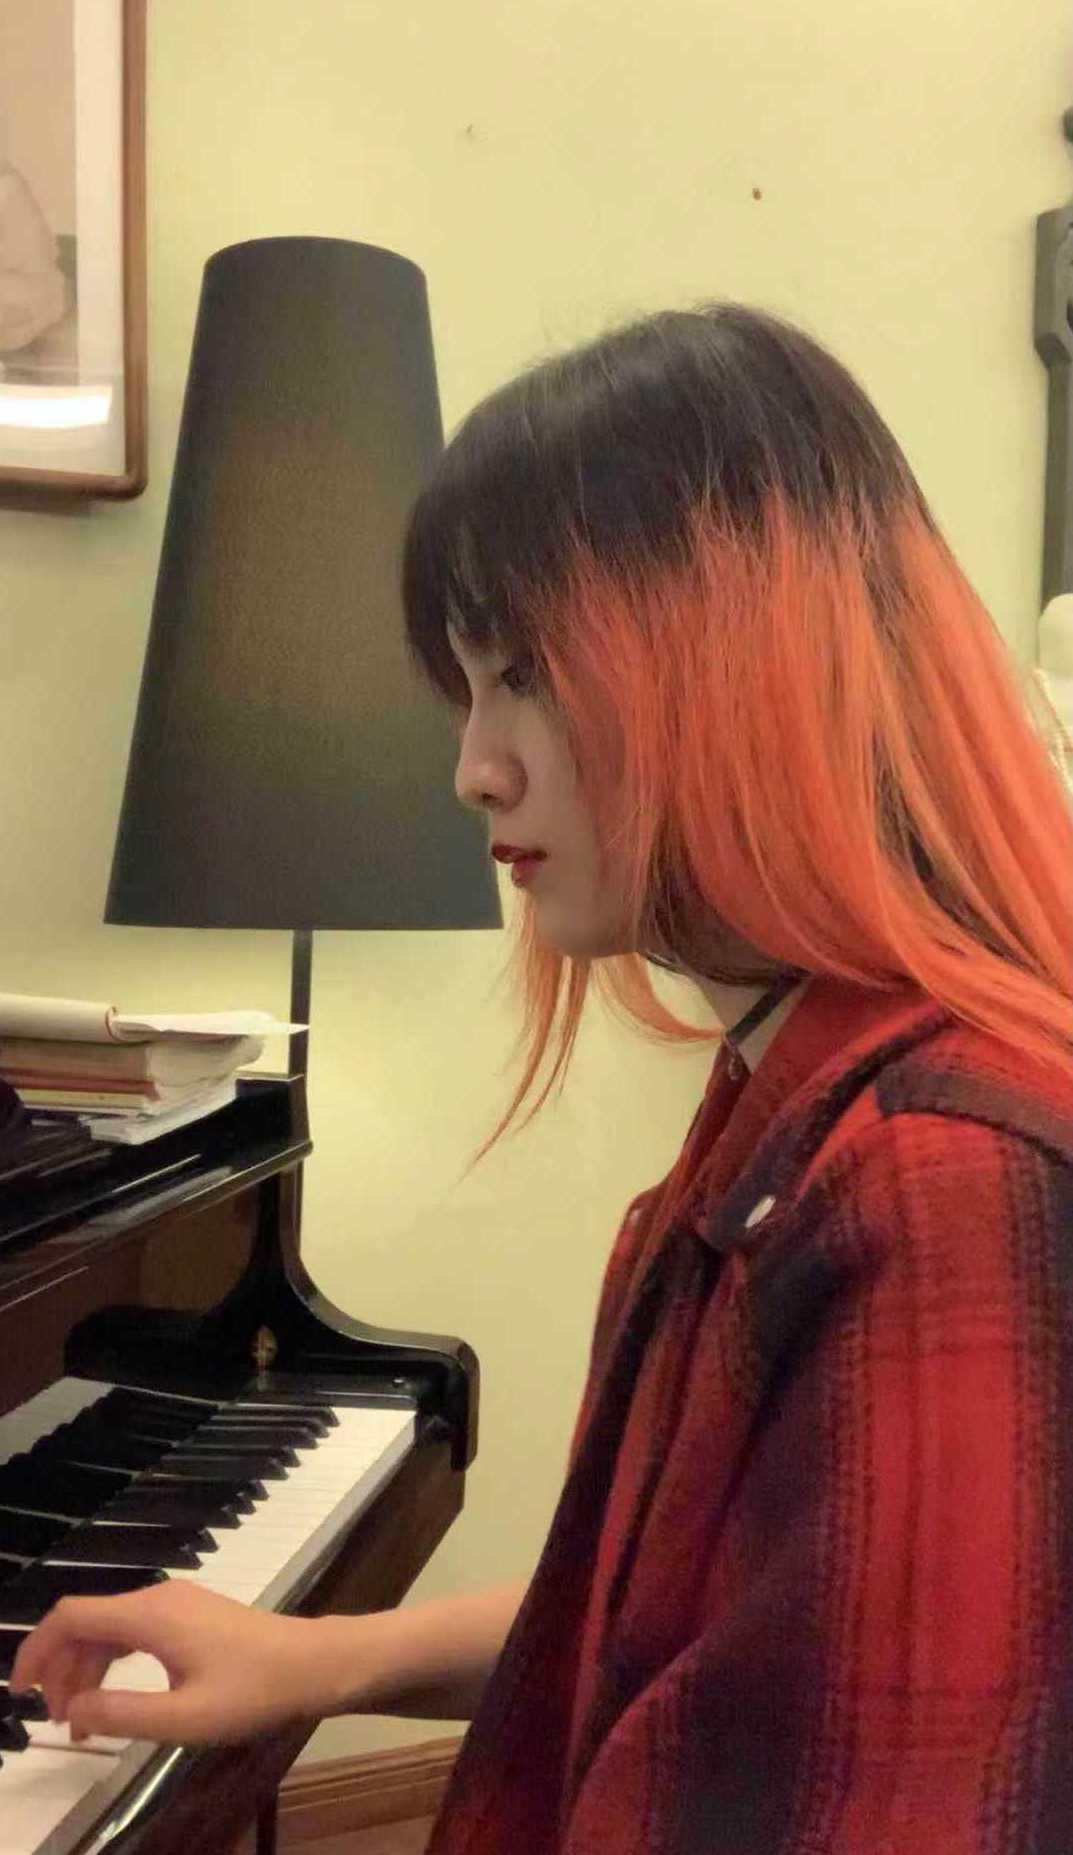 Ash Ji playing piano